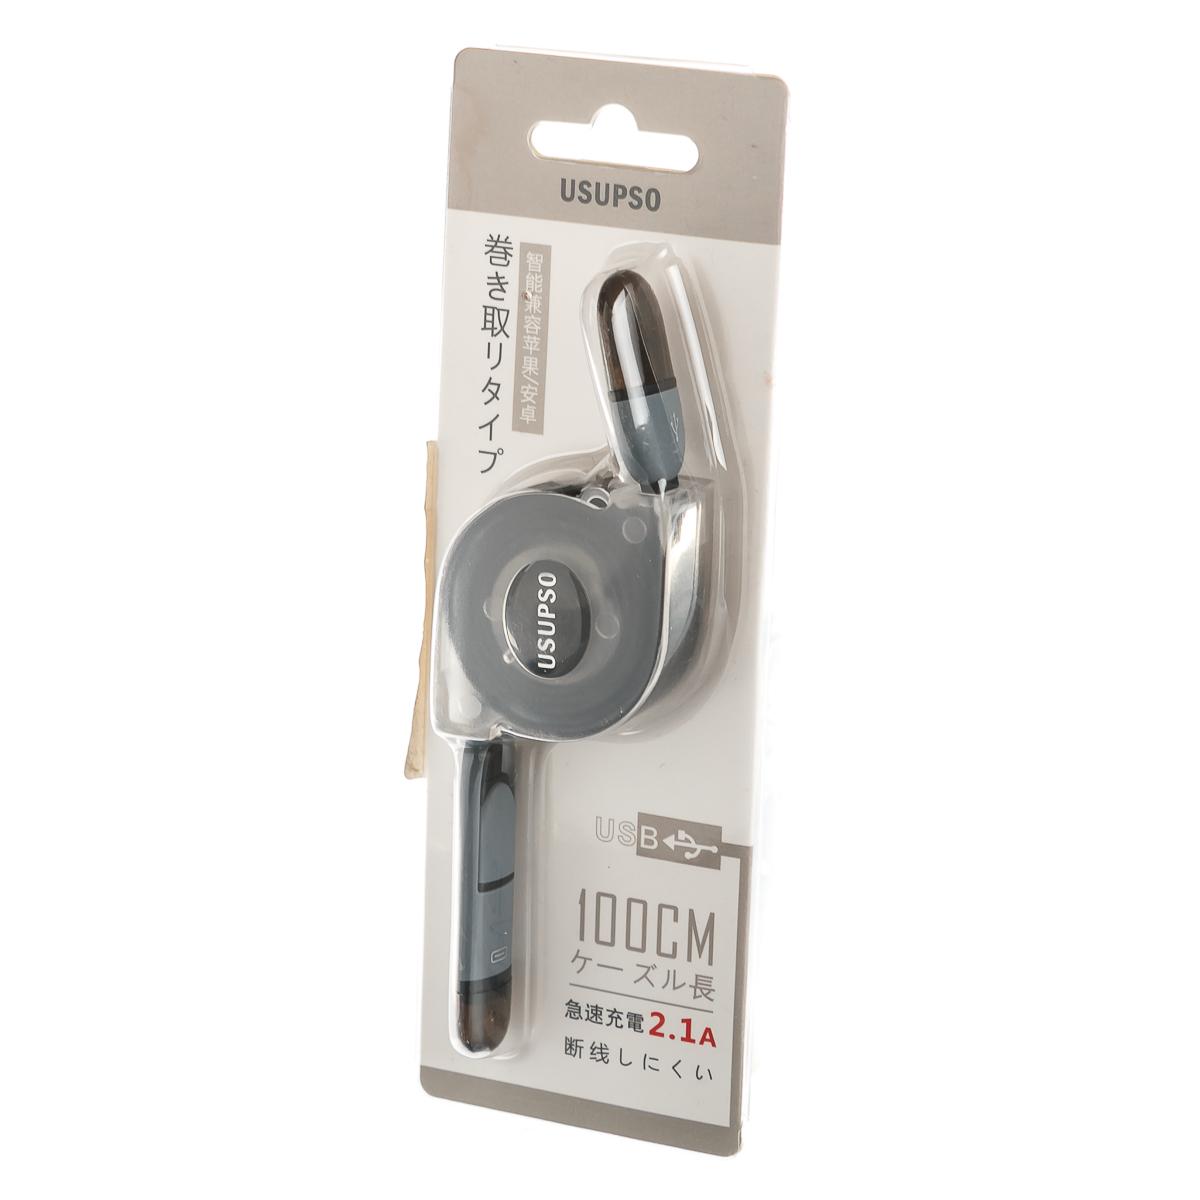 Дата-кабель рулетка Iphone&Android черный